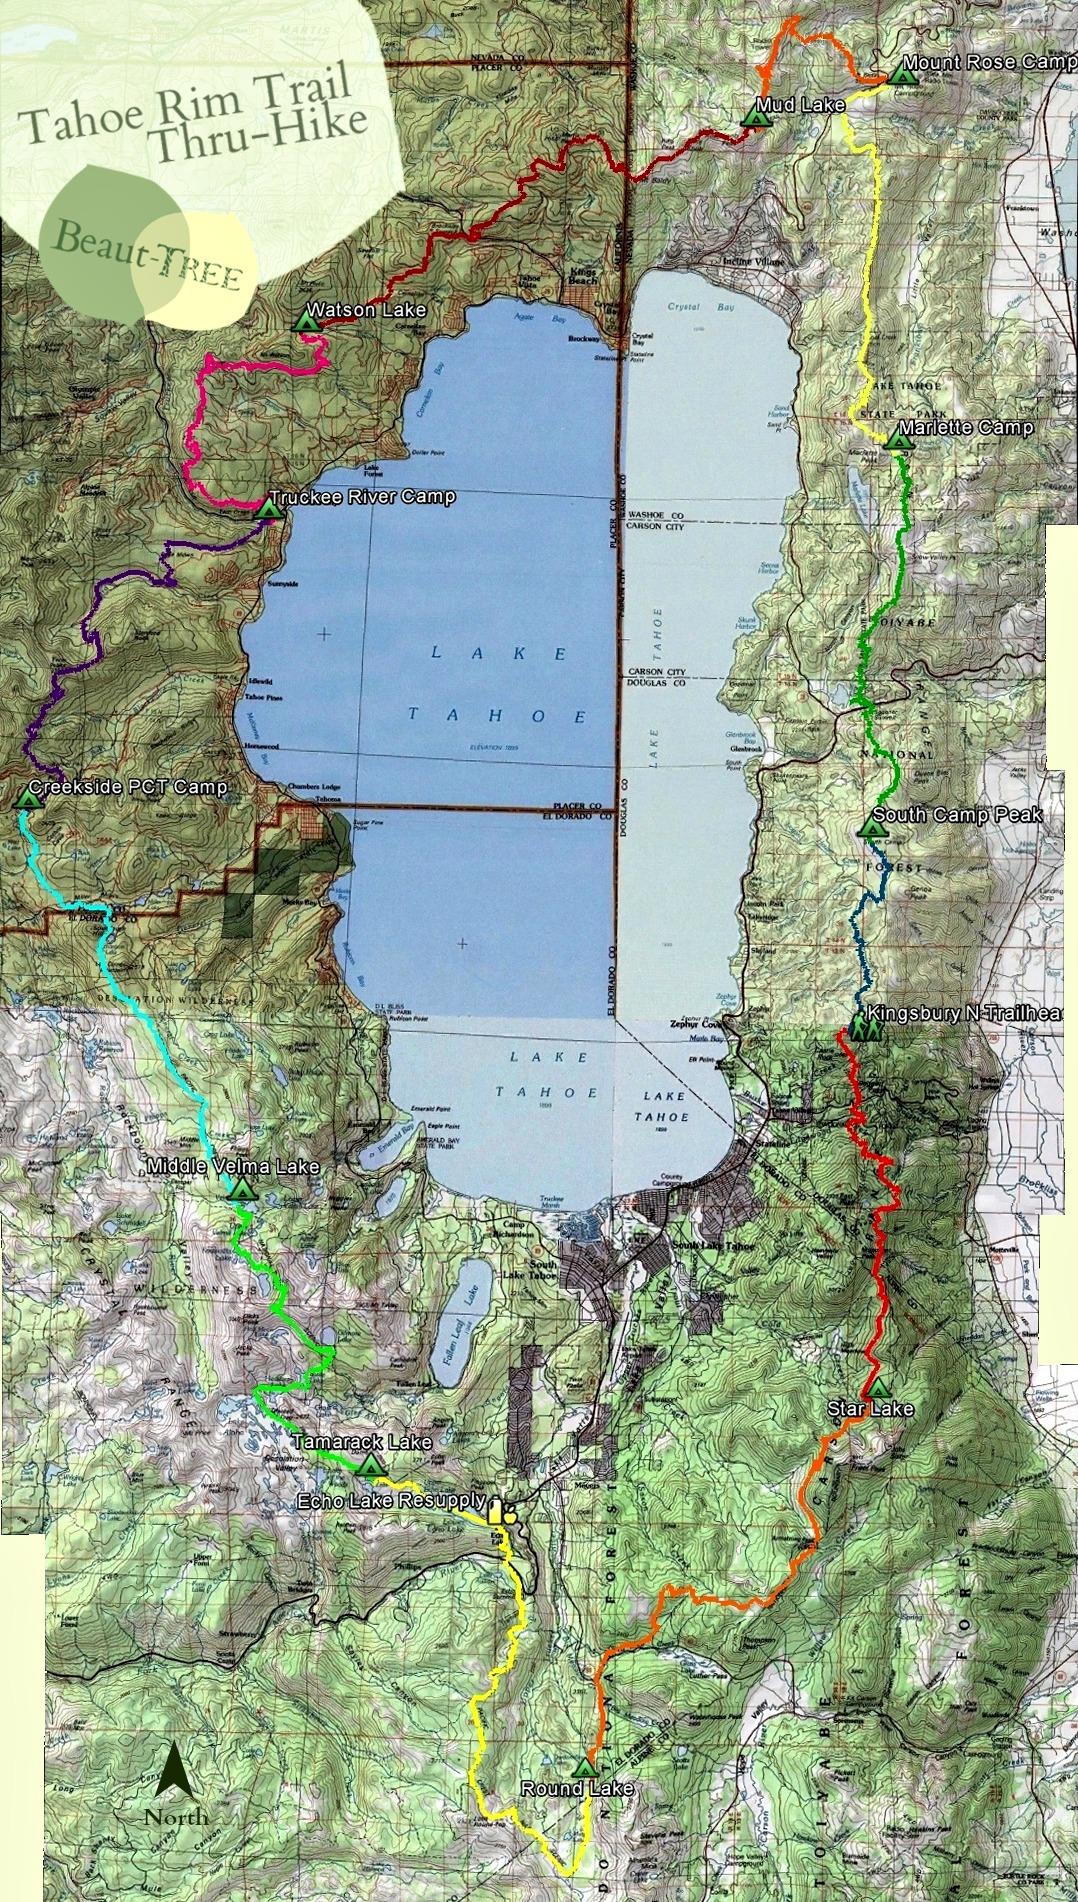 TRT Topo Map – Beaut-Tree net